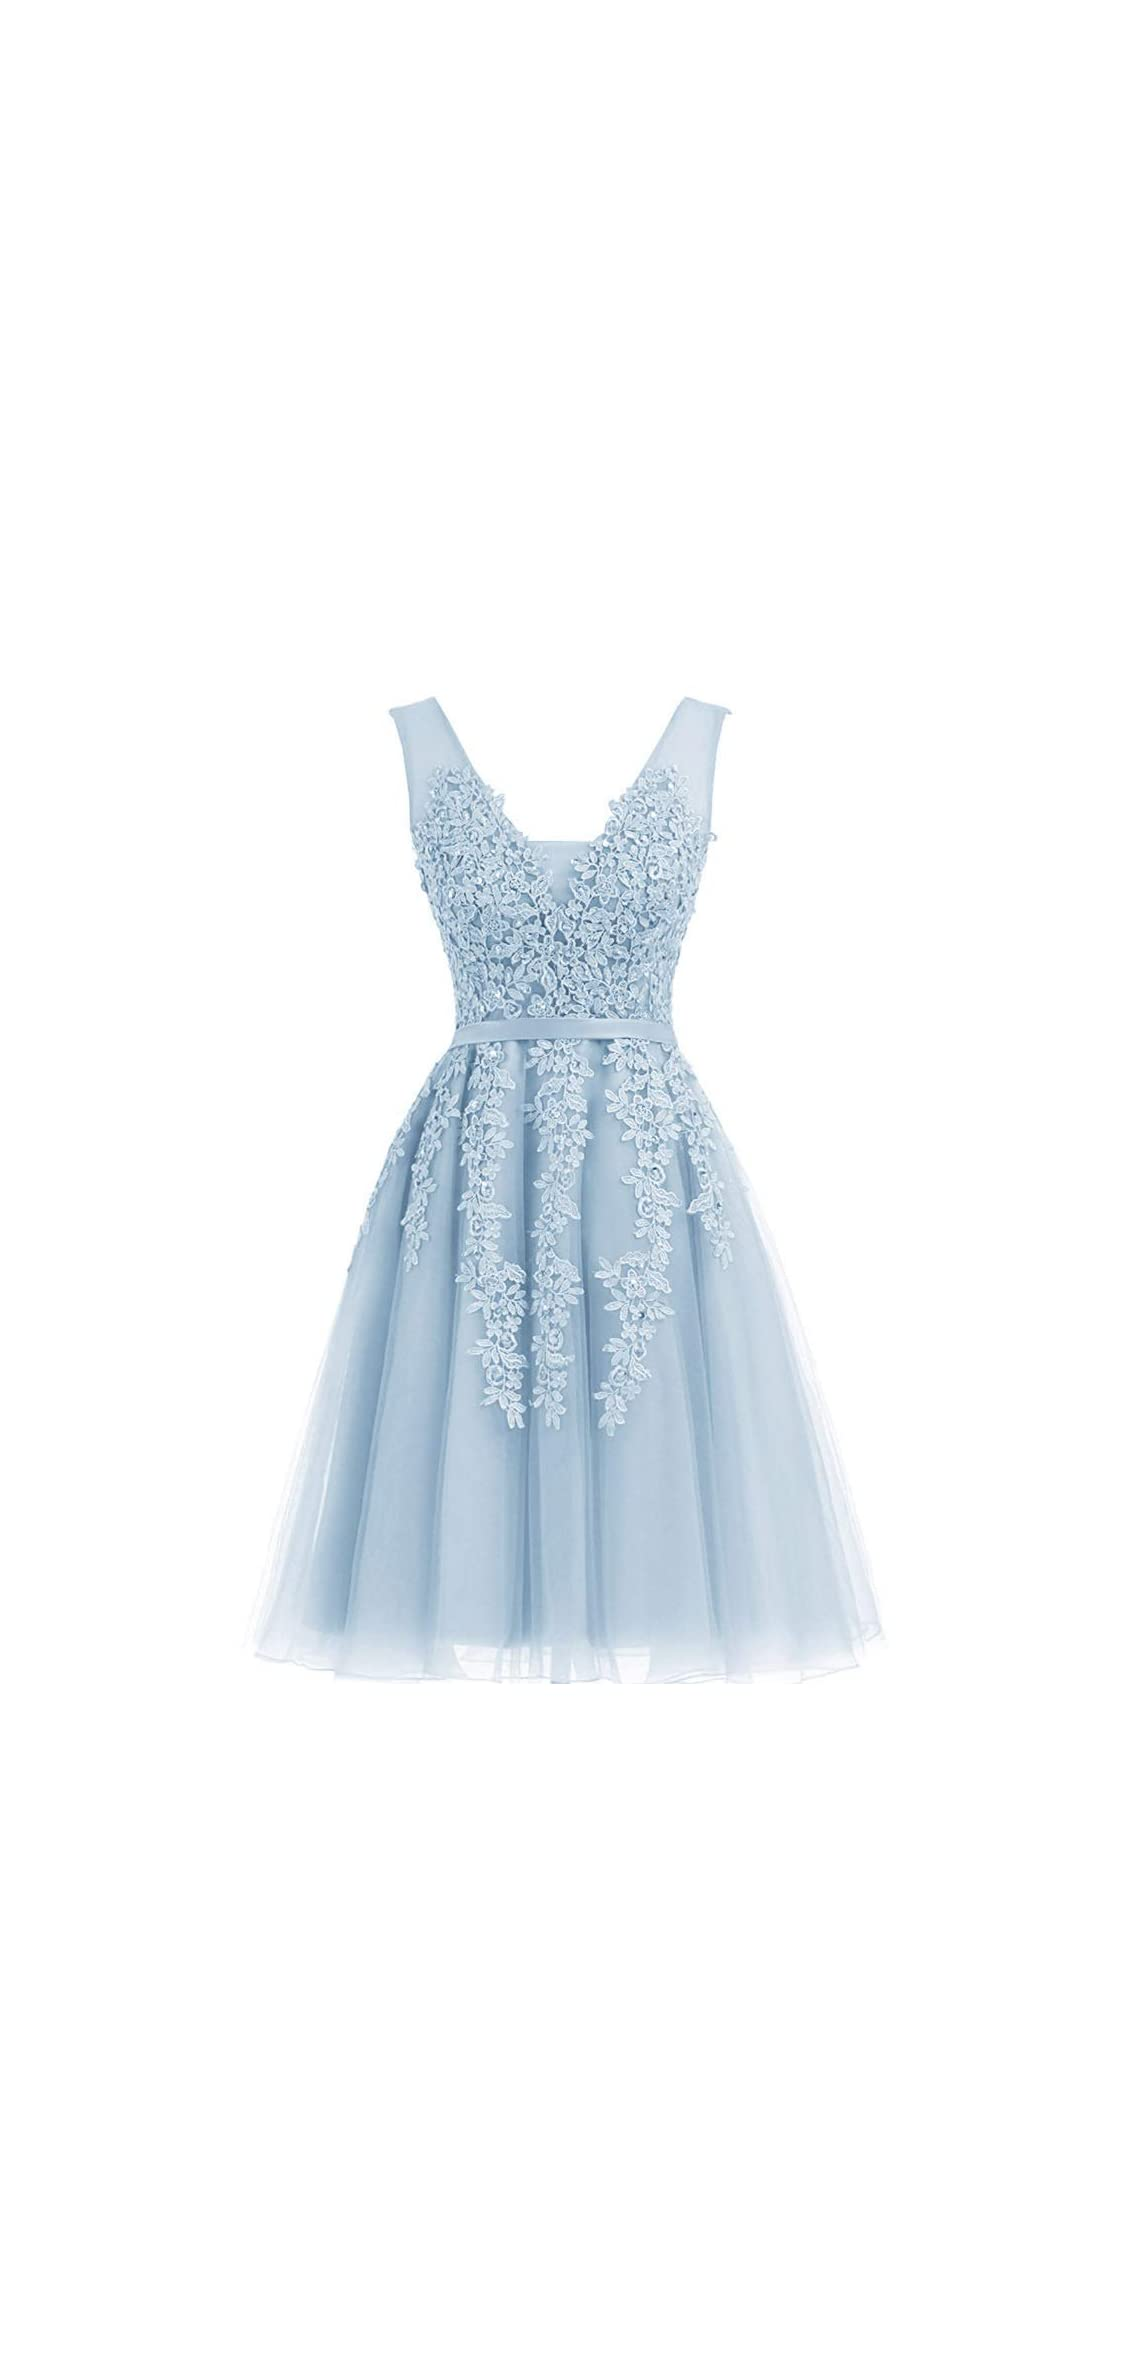 Women's Dress Short Net Bridesmaid Dress S Evening